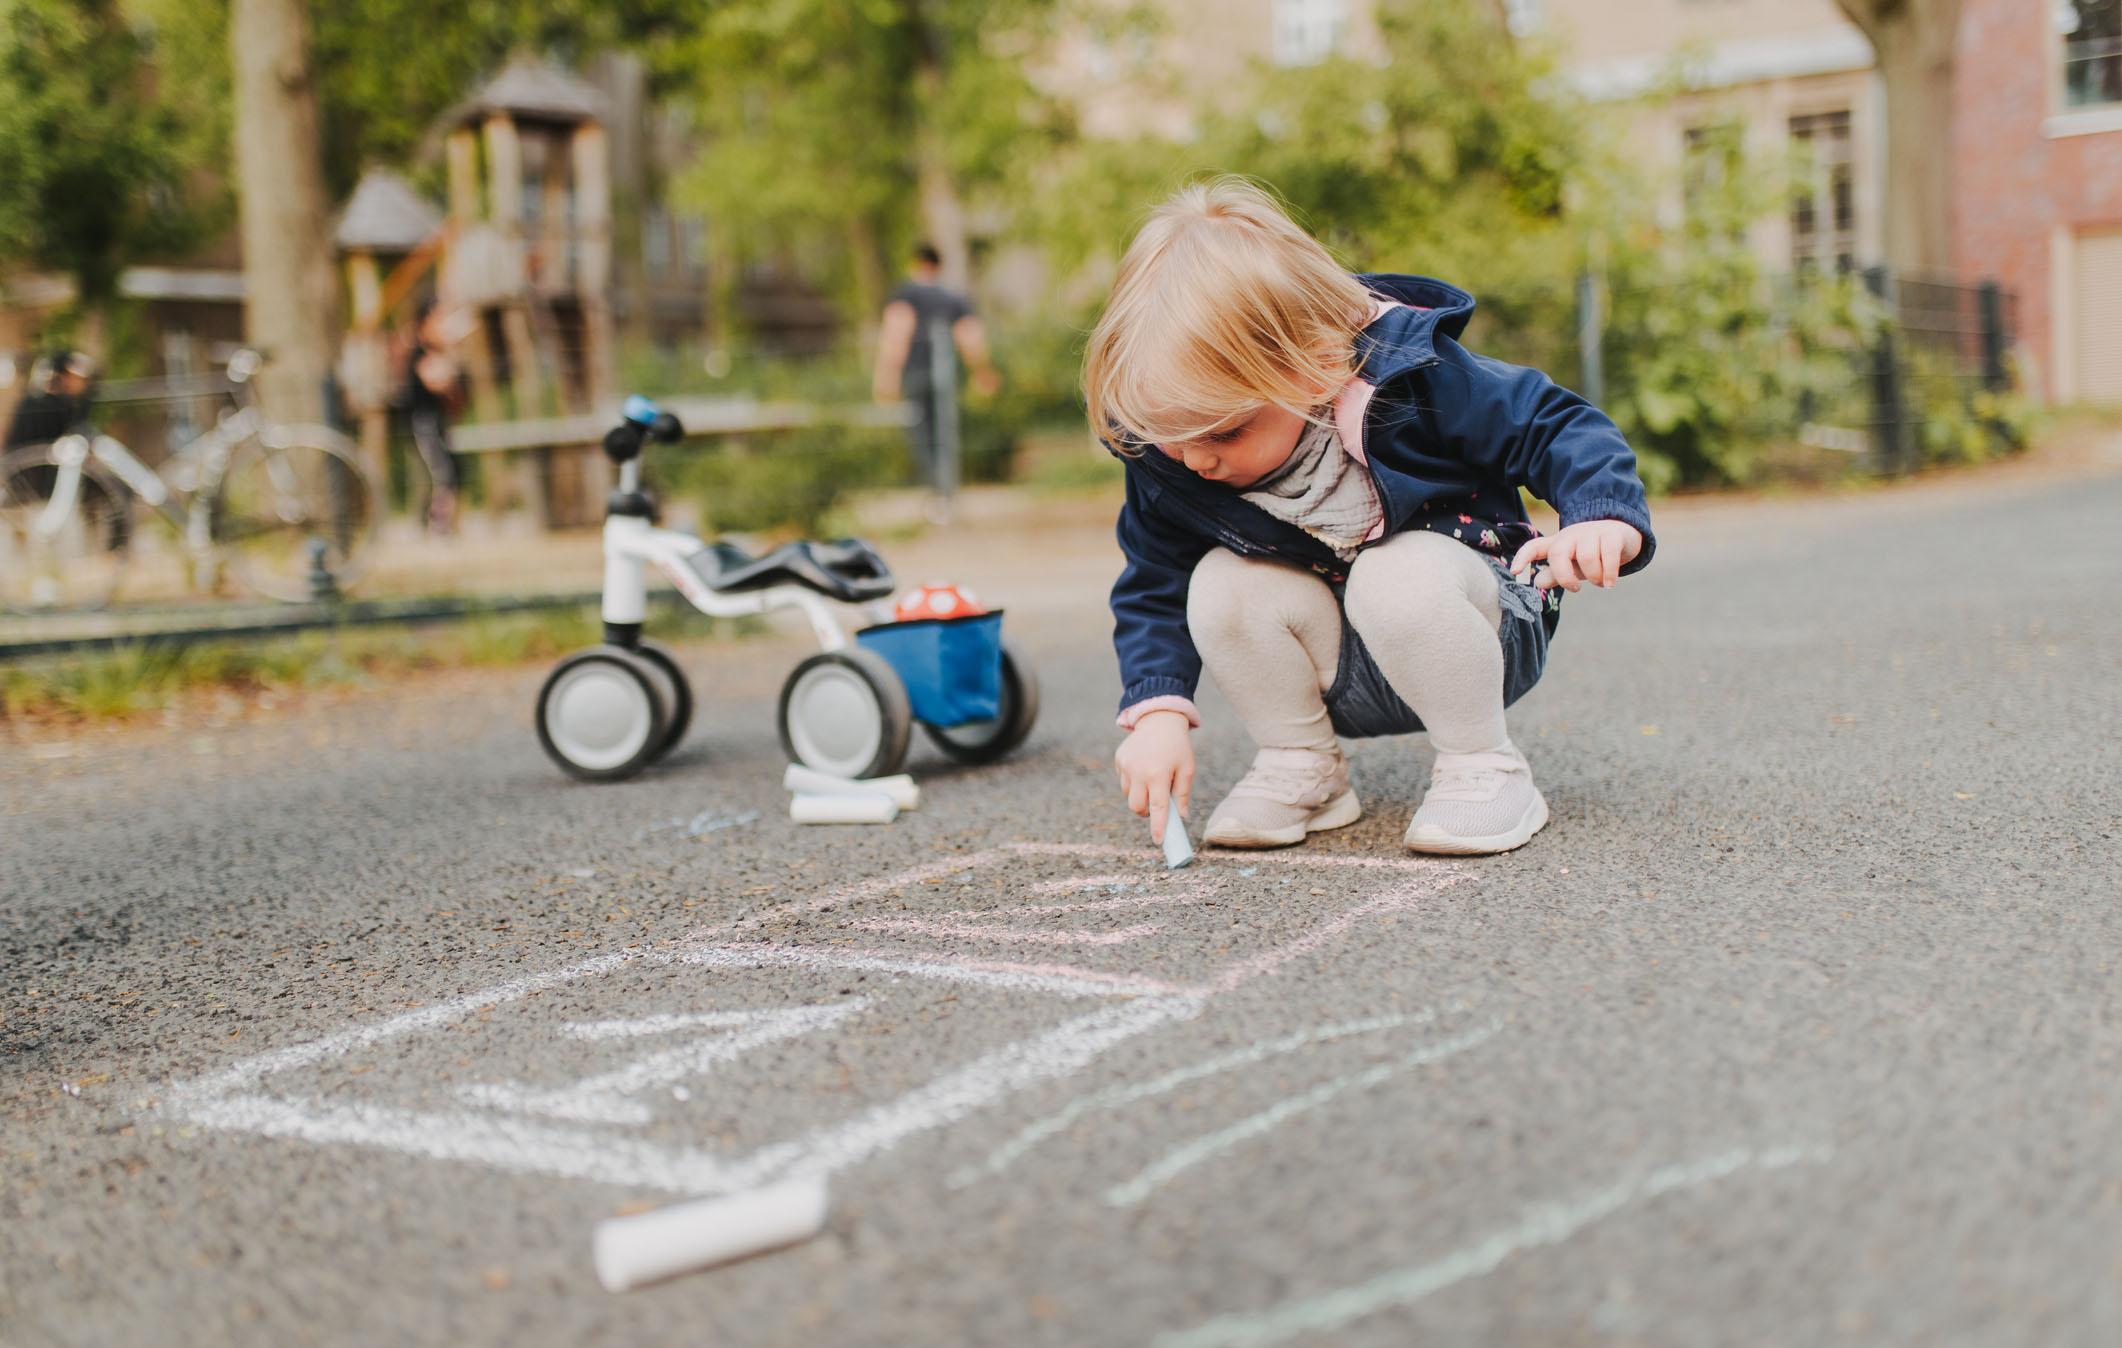 Kehuminen ei ole itsestäänselvyys, vaan taitoja siihen opitaan jo lapsuudessa.